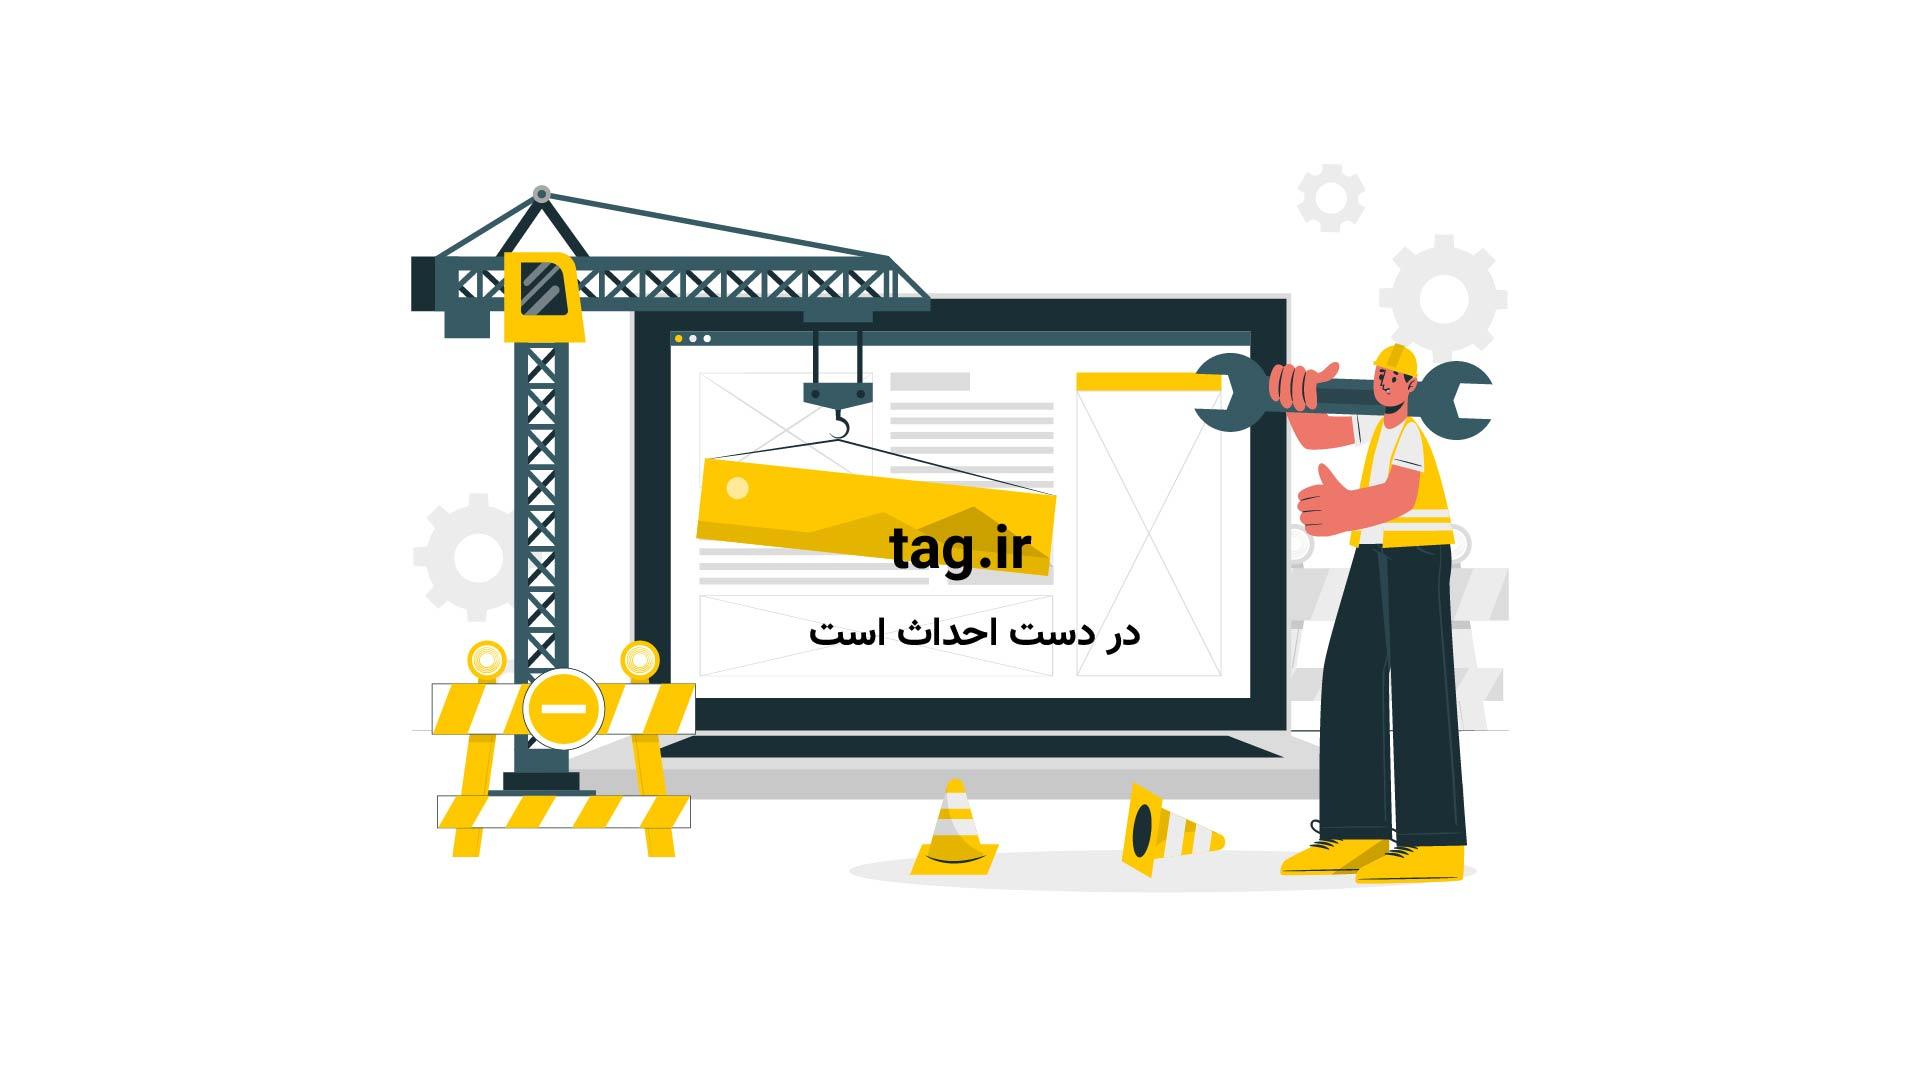 حلب شهر ارواح | تگ